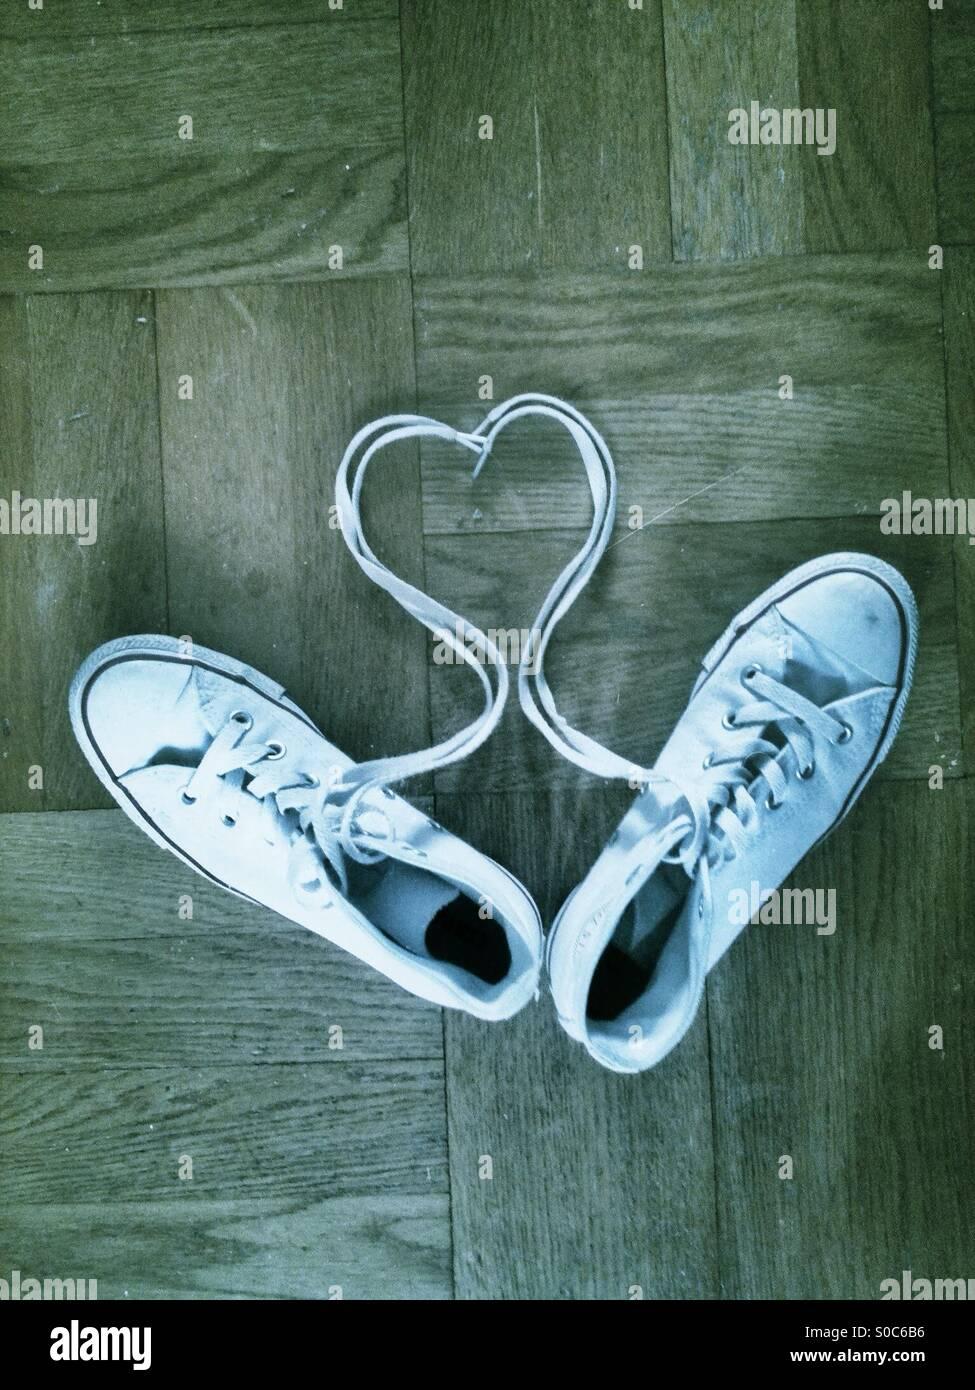 Herzform in Latsch mit weißen Trainer auf einem Holzboden. Stockbild